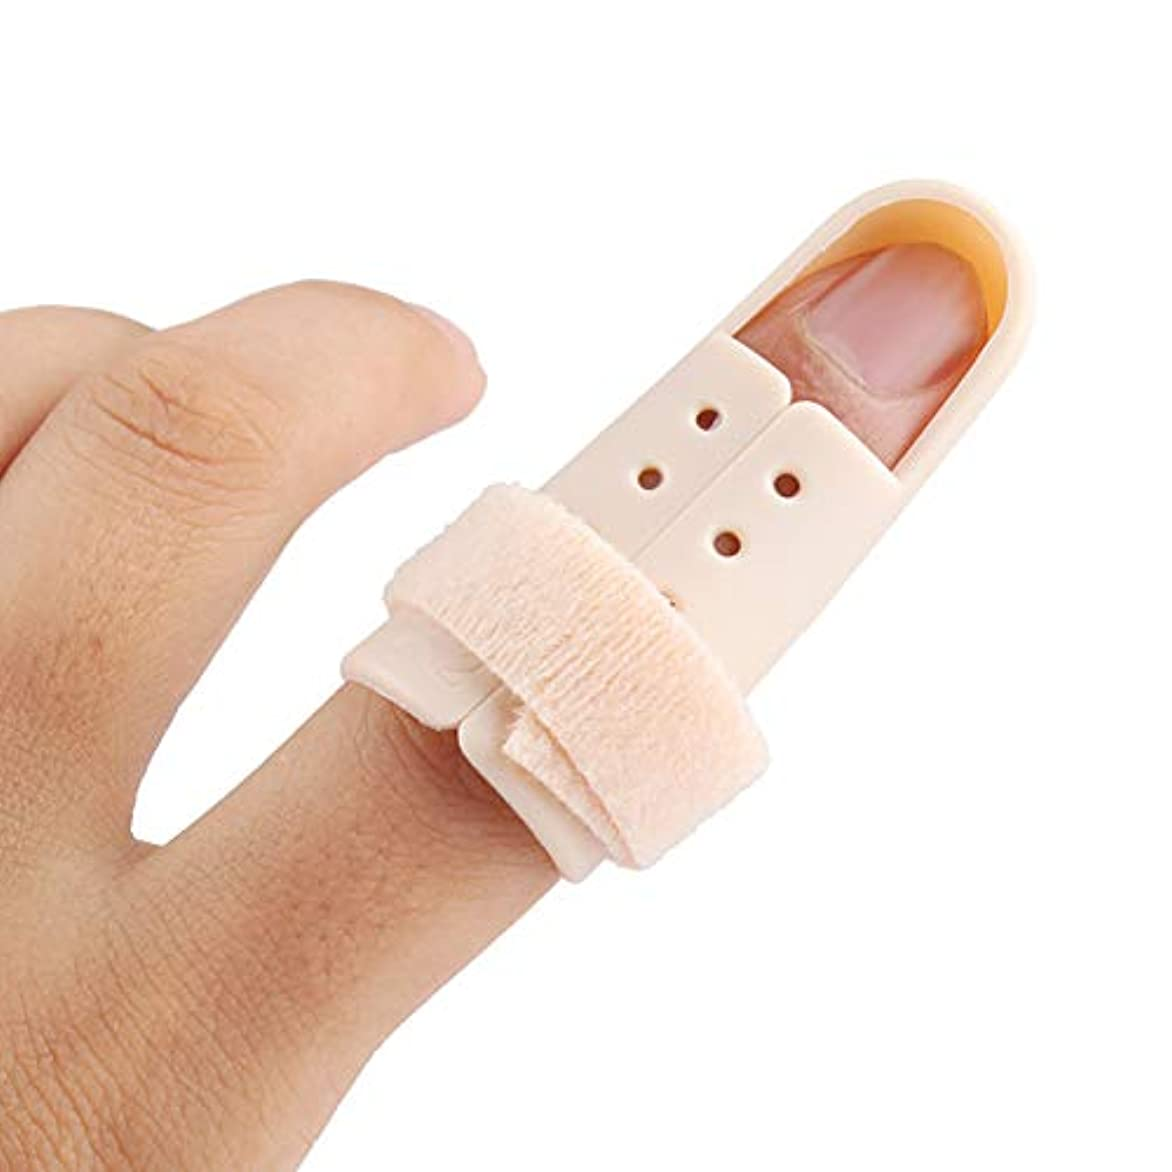 提供するごめんなさい目的フィンガースプリントブレース、指関節痛用フィンガーイモビライザー、バスケットボール用プロテクター、5個,S